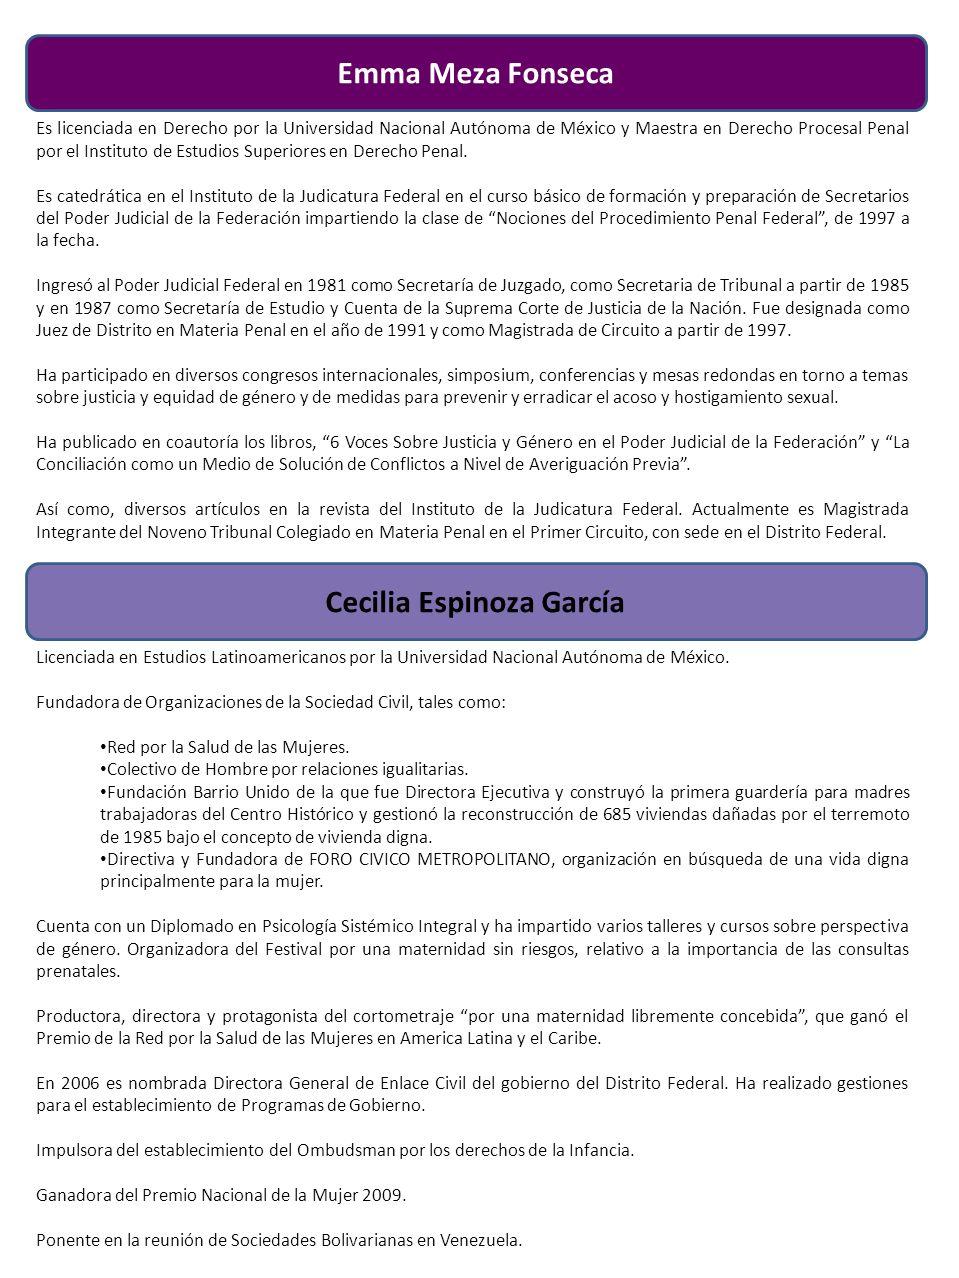 Emma Meza Fonseca Es licenciada en Derecho por la Universidad Nacional Autónoma de México y Maestra en Derecho Procesal Penal por el Instituto de Estudios Superiores en Derecho Penal.